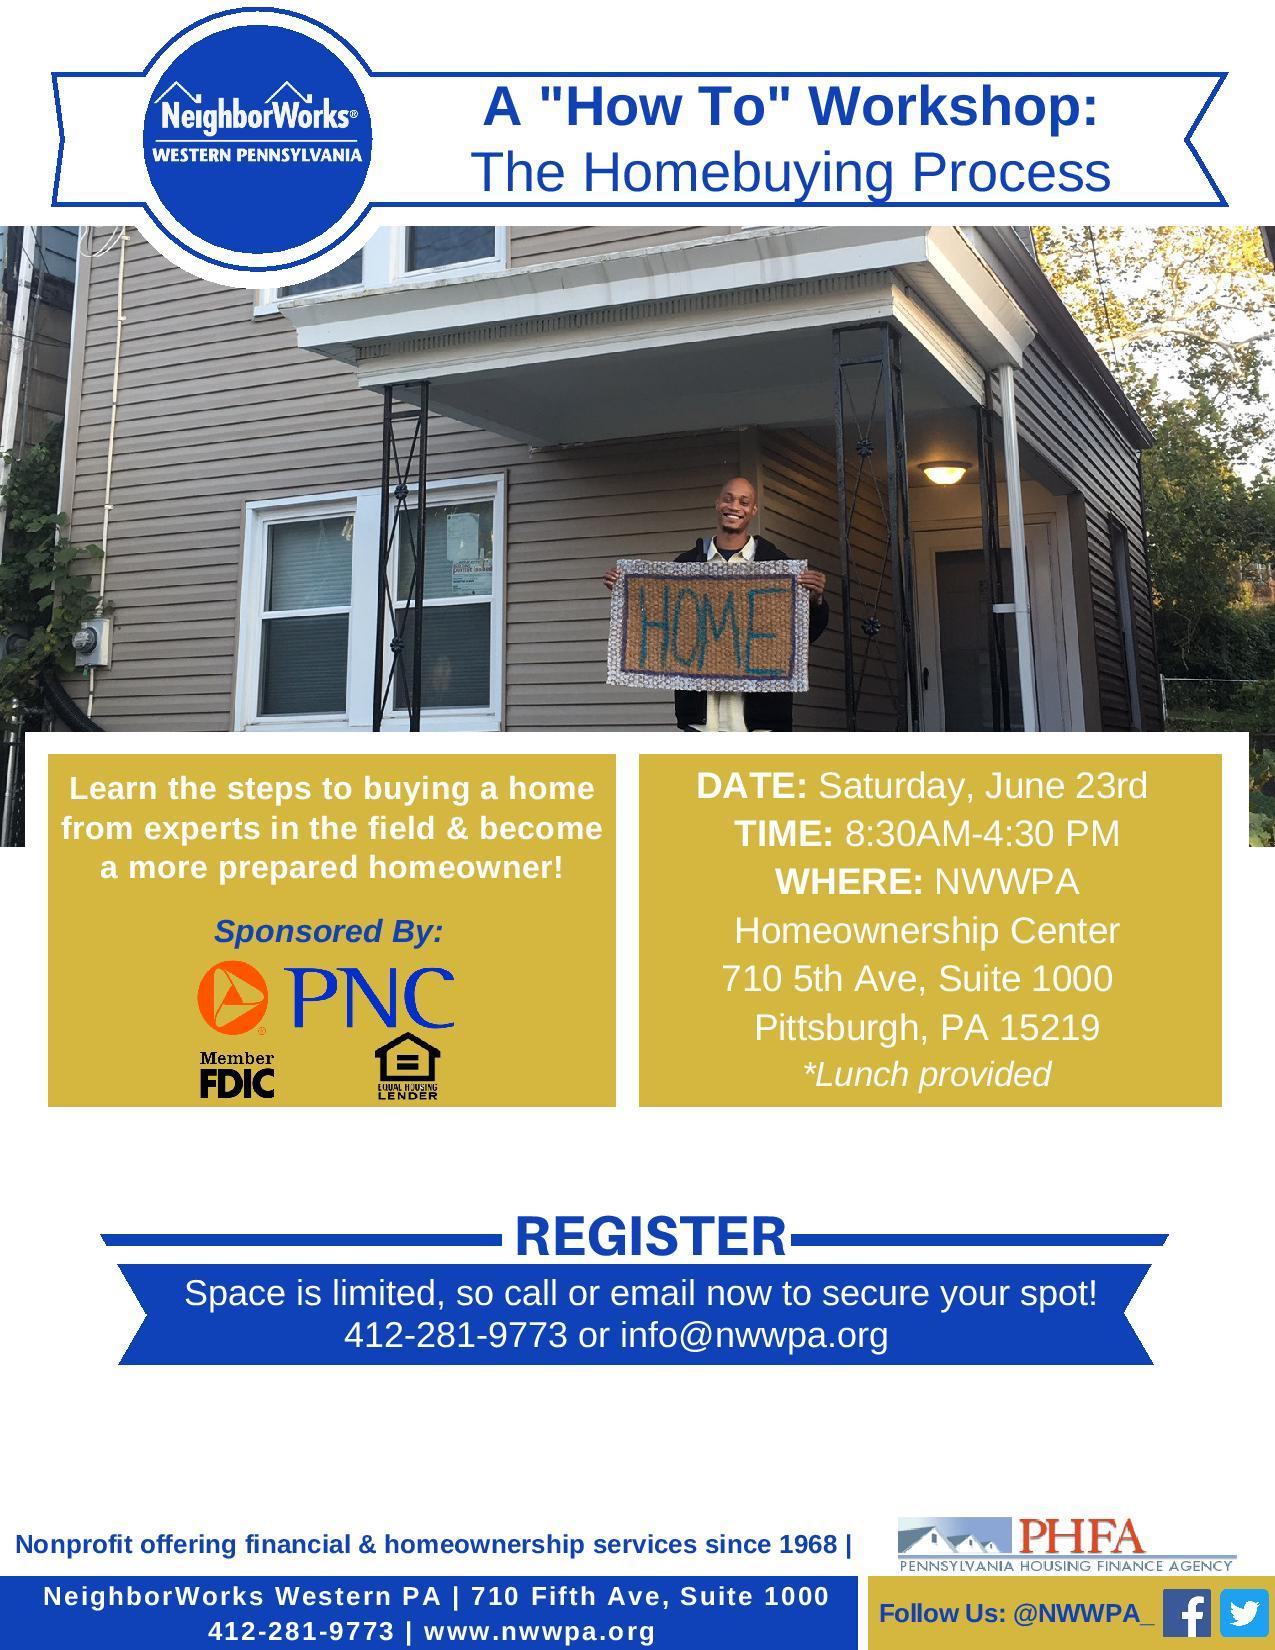 Homebuyer Workshop Flyer_PNC_6-23-18-page-001.jpg